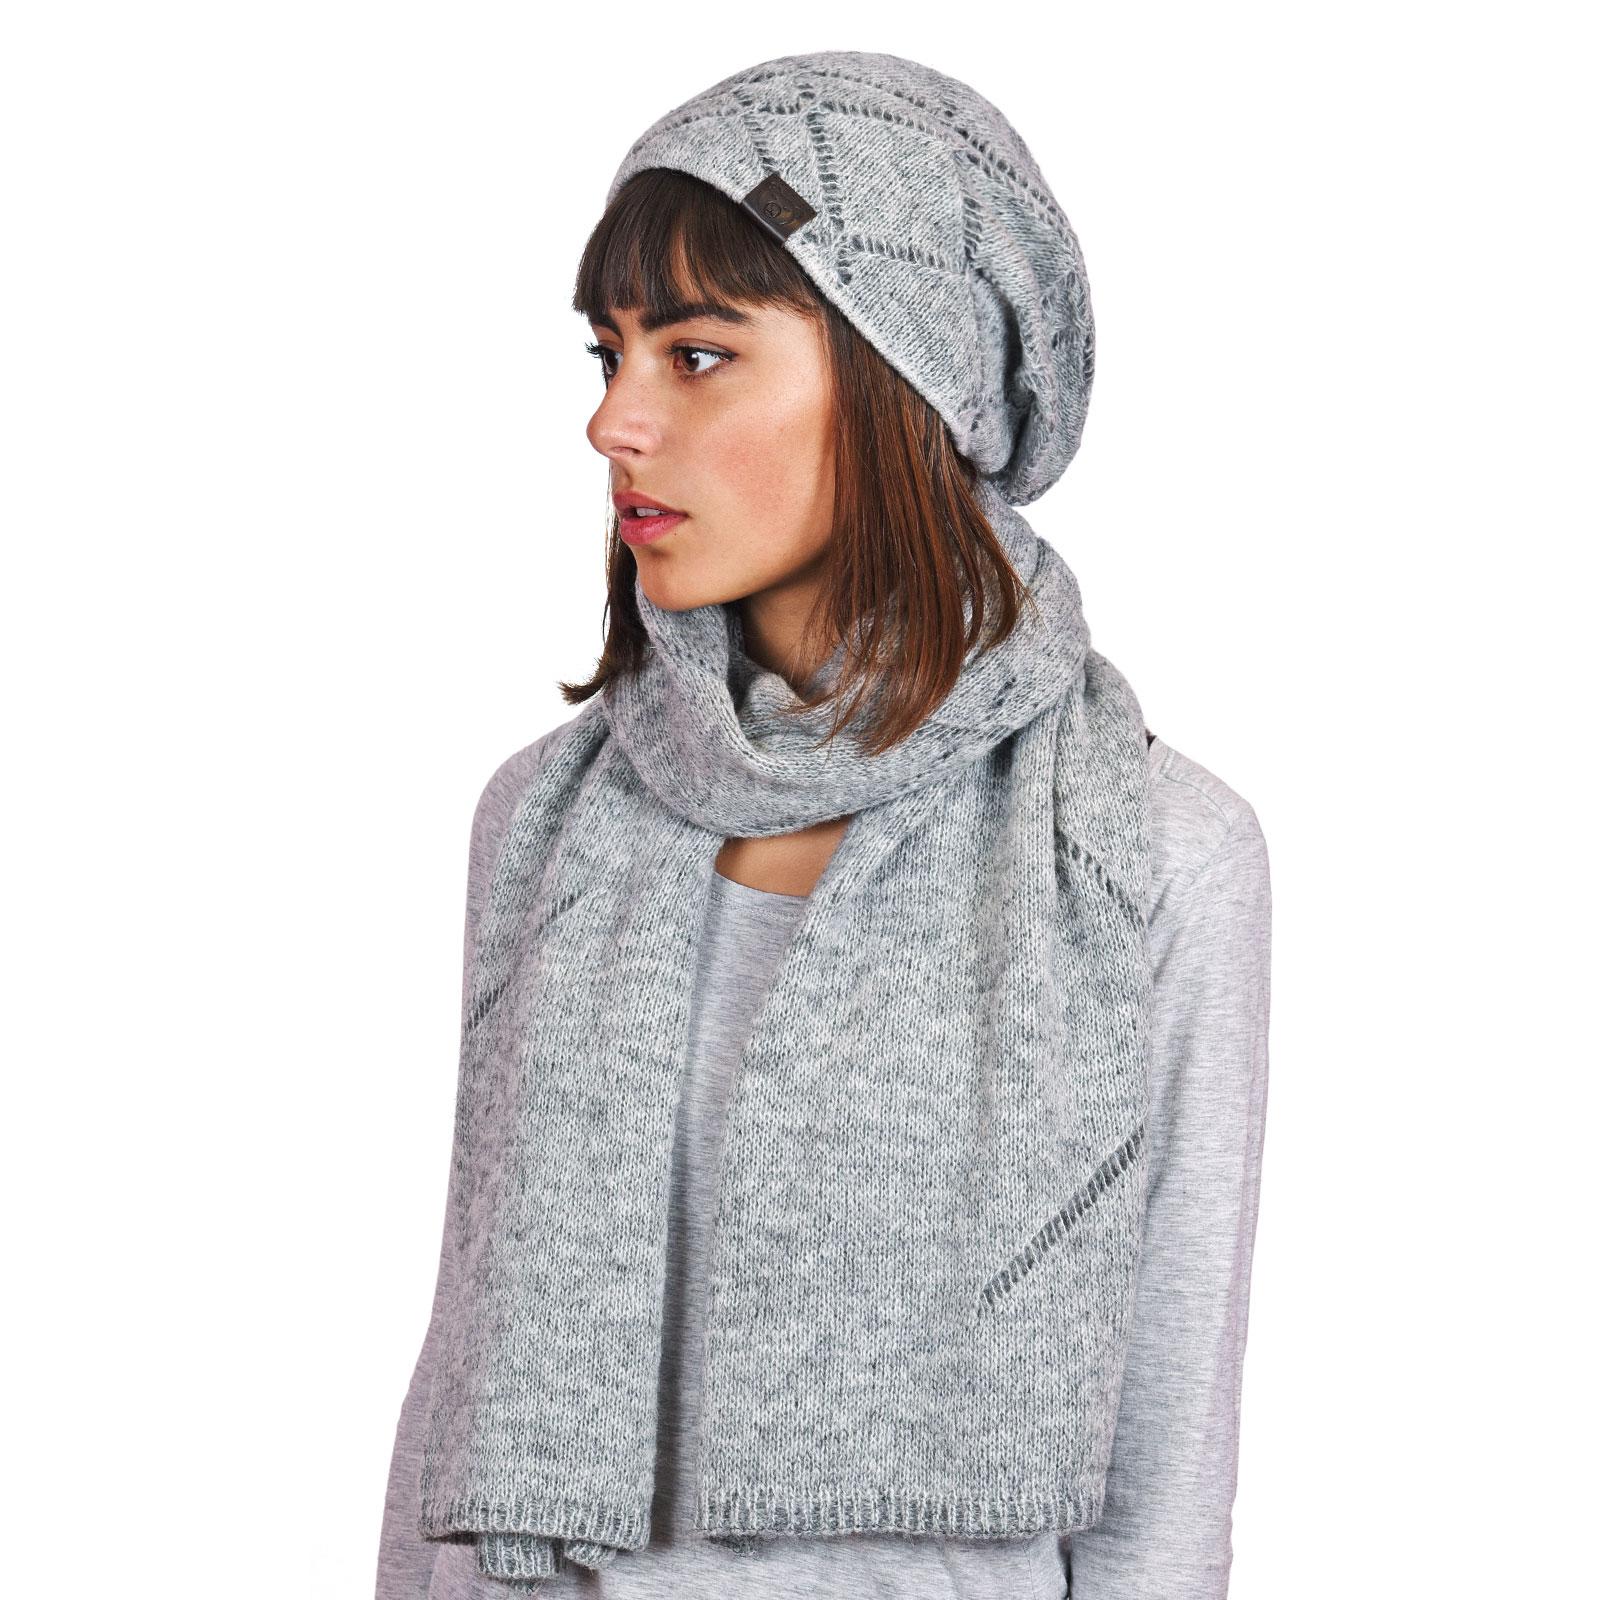 a845711d23a Echarpe femme et bonnet gris Adama - Made in Europe